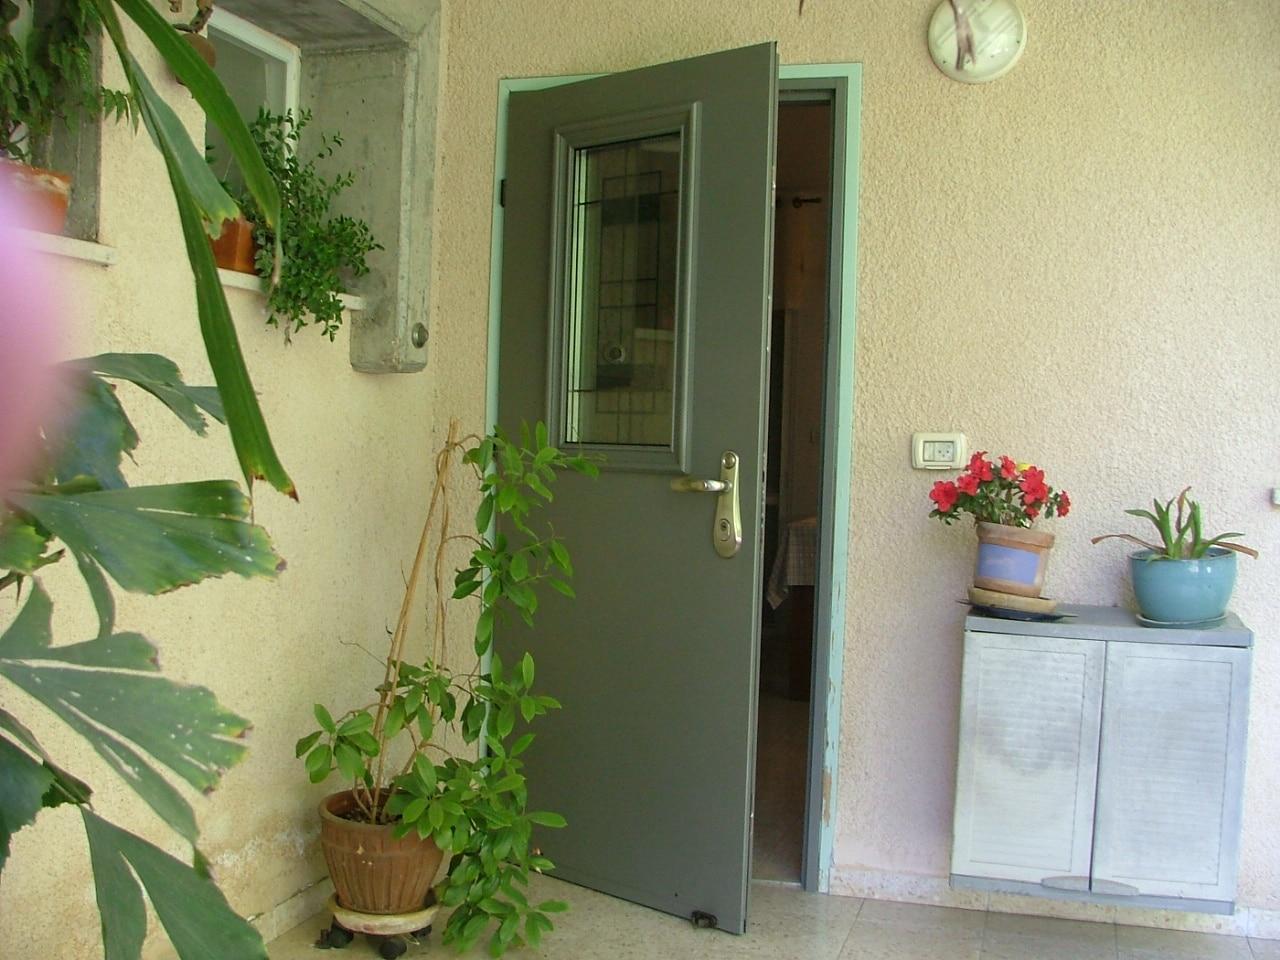 דלת מותקנת בקיבוץ